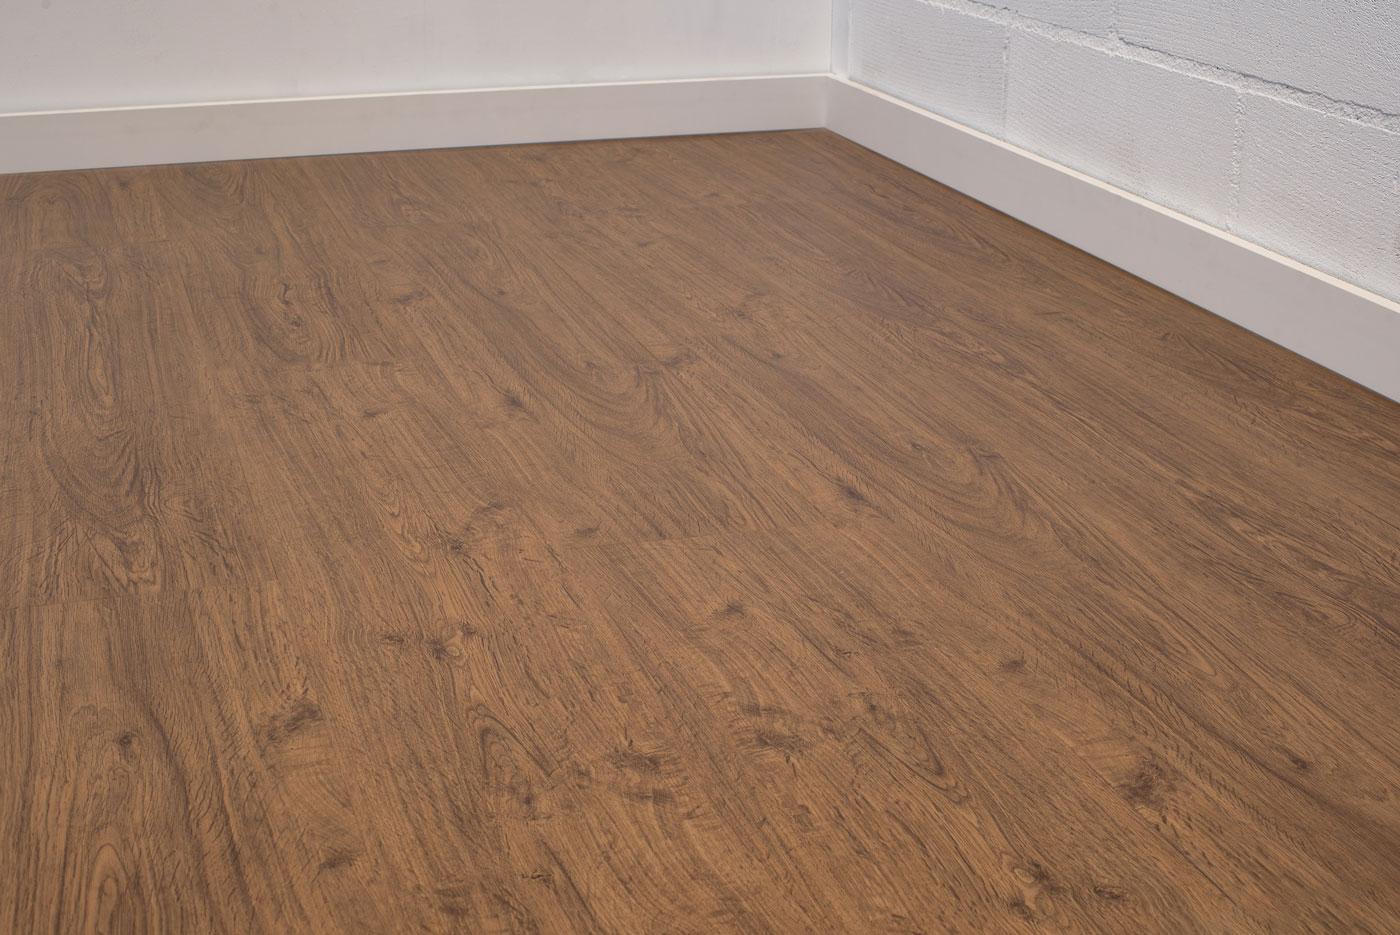 Floer stroken pvc vloer planken gent donker bruin eiken vloeren